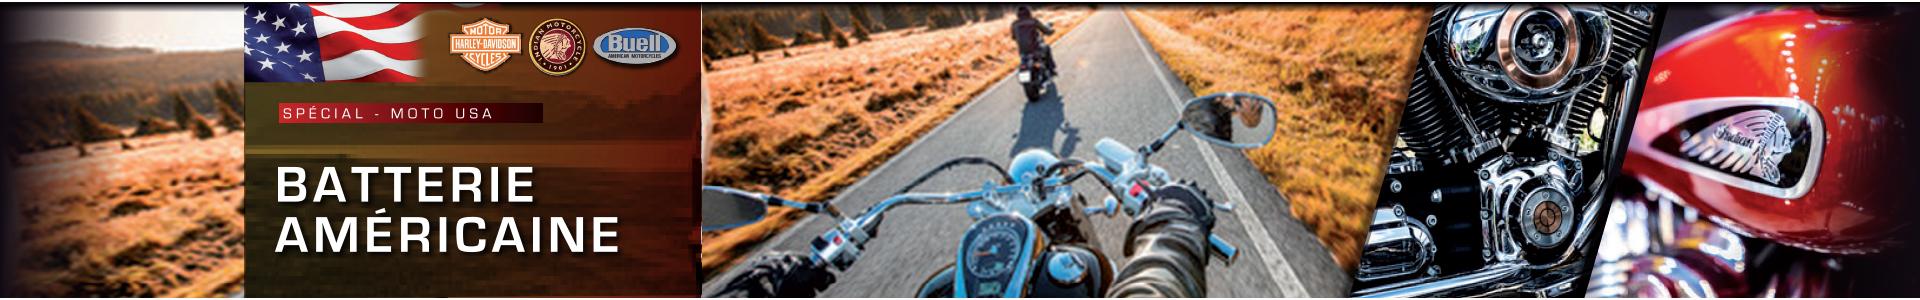 Batterie pour moto américaine, Harley Davidson, Buell, Indian Scout, Batteries Sélection